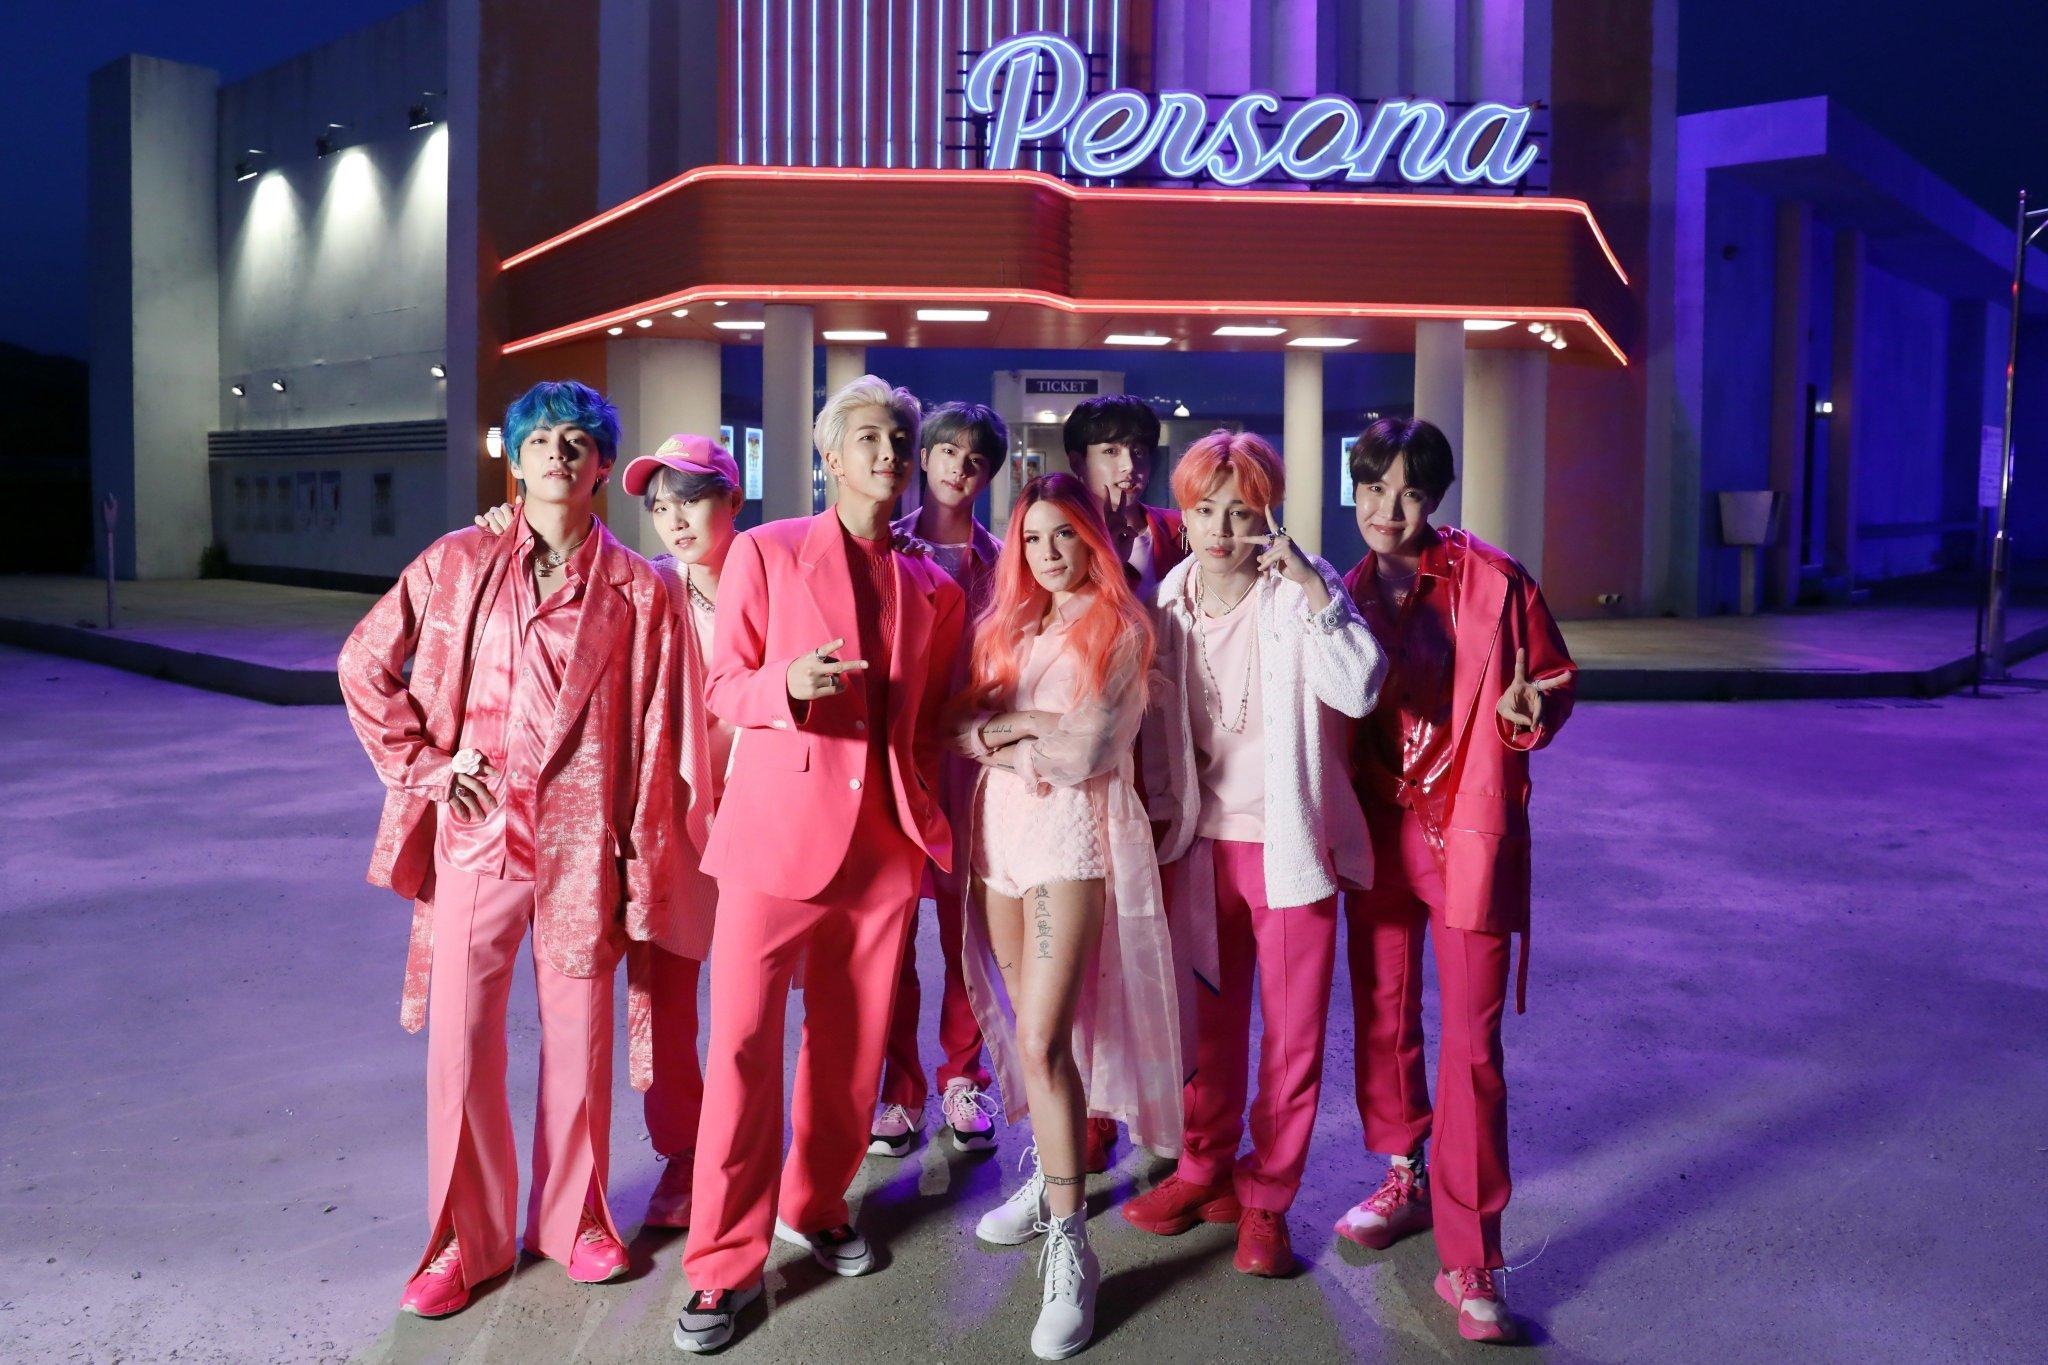 BTS「Boy With Luv [feat. Halsey]」:ボーカルはグラデーションを描き、ラップは鮮やかな色を放ち、ワールドワイドに駆け巡る_b0078188_18152215.jpg